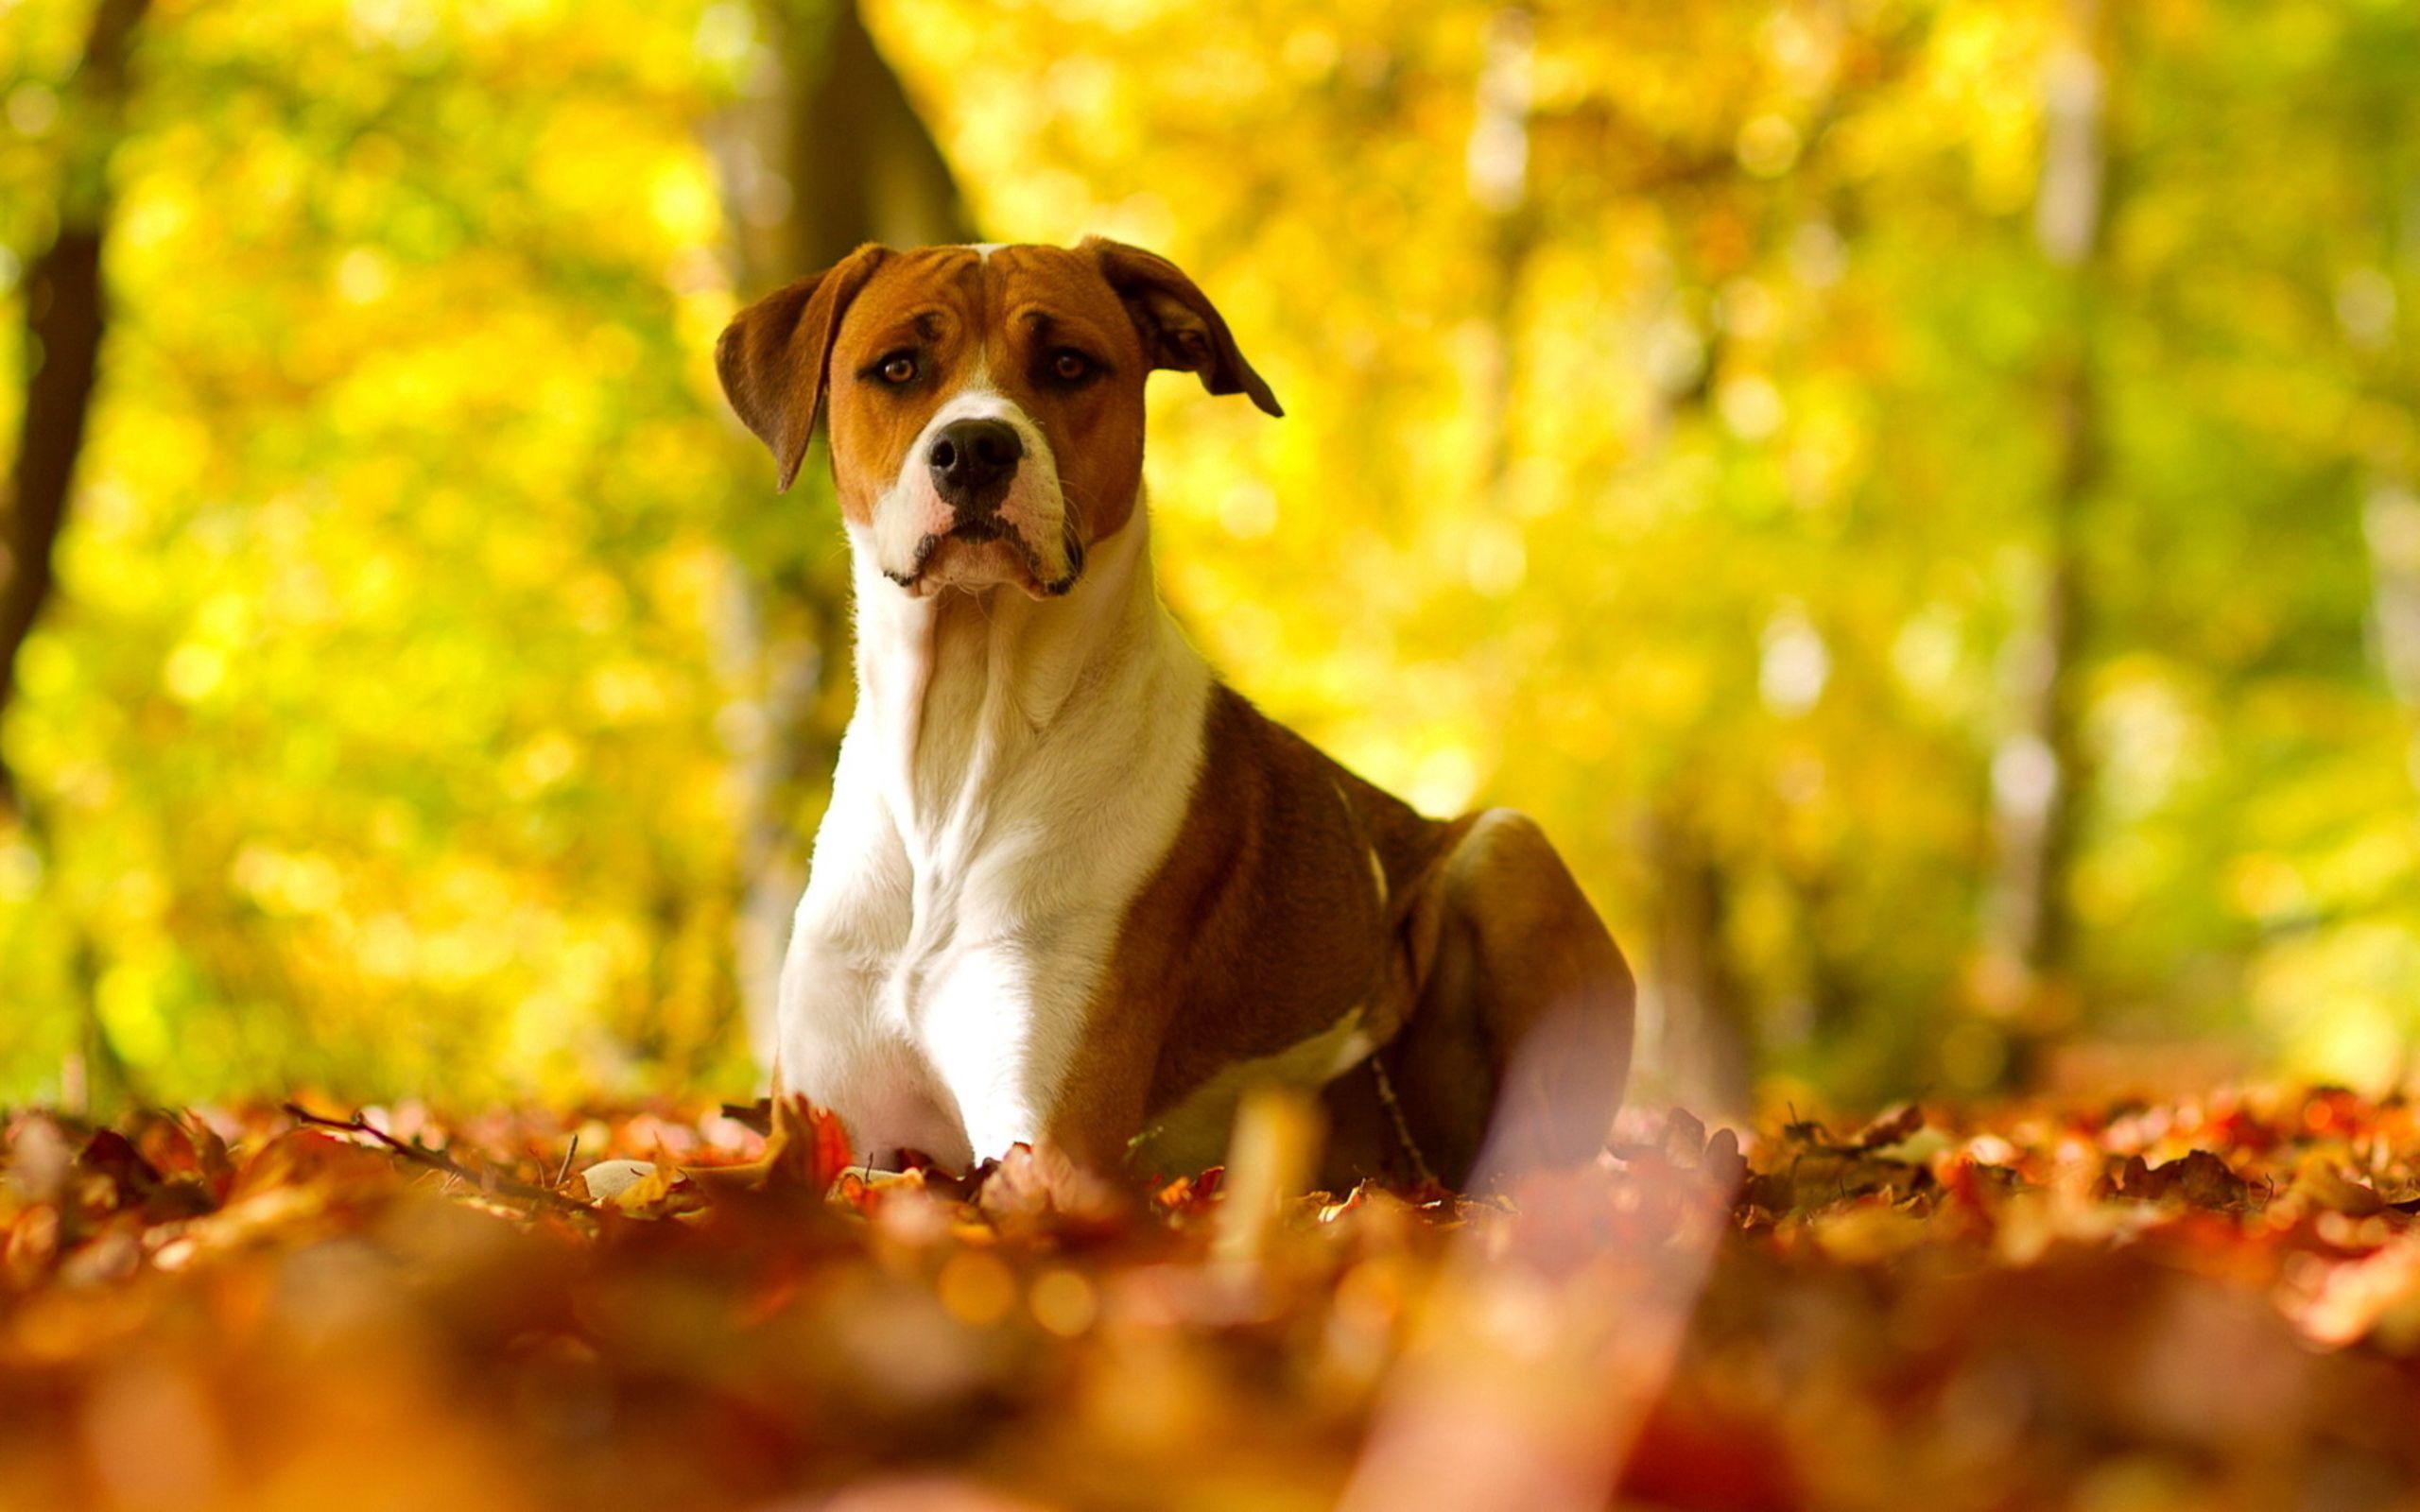 99999 скачать обои Животные, Собака, Листья, Трава, Взгляд, Осень - заставки и картинки бесплатно